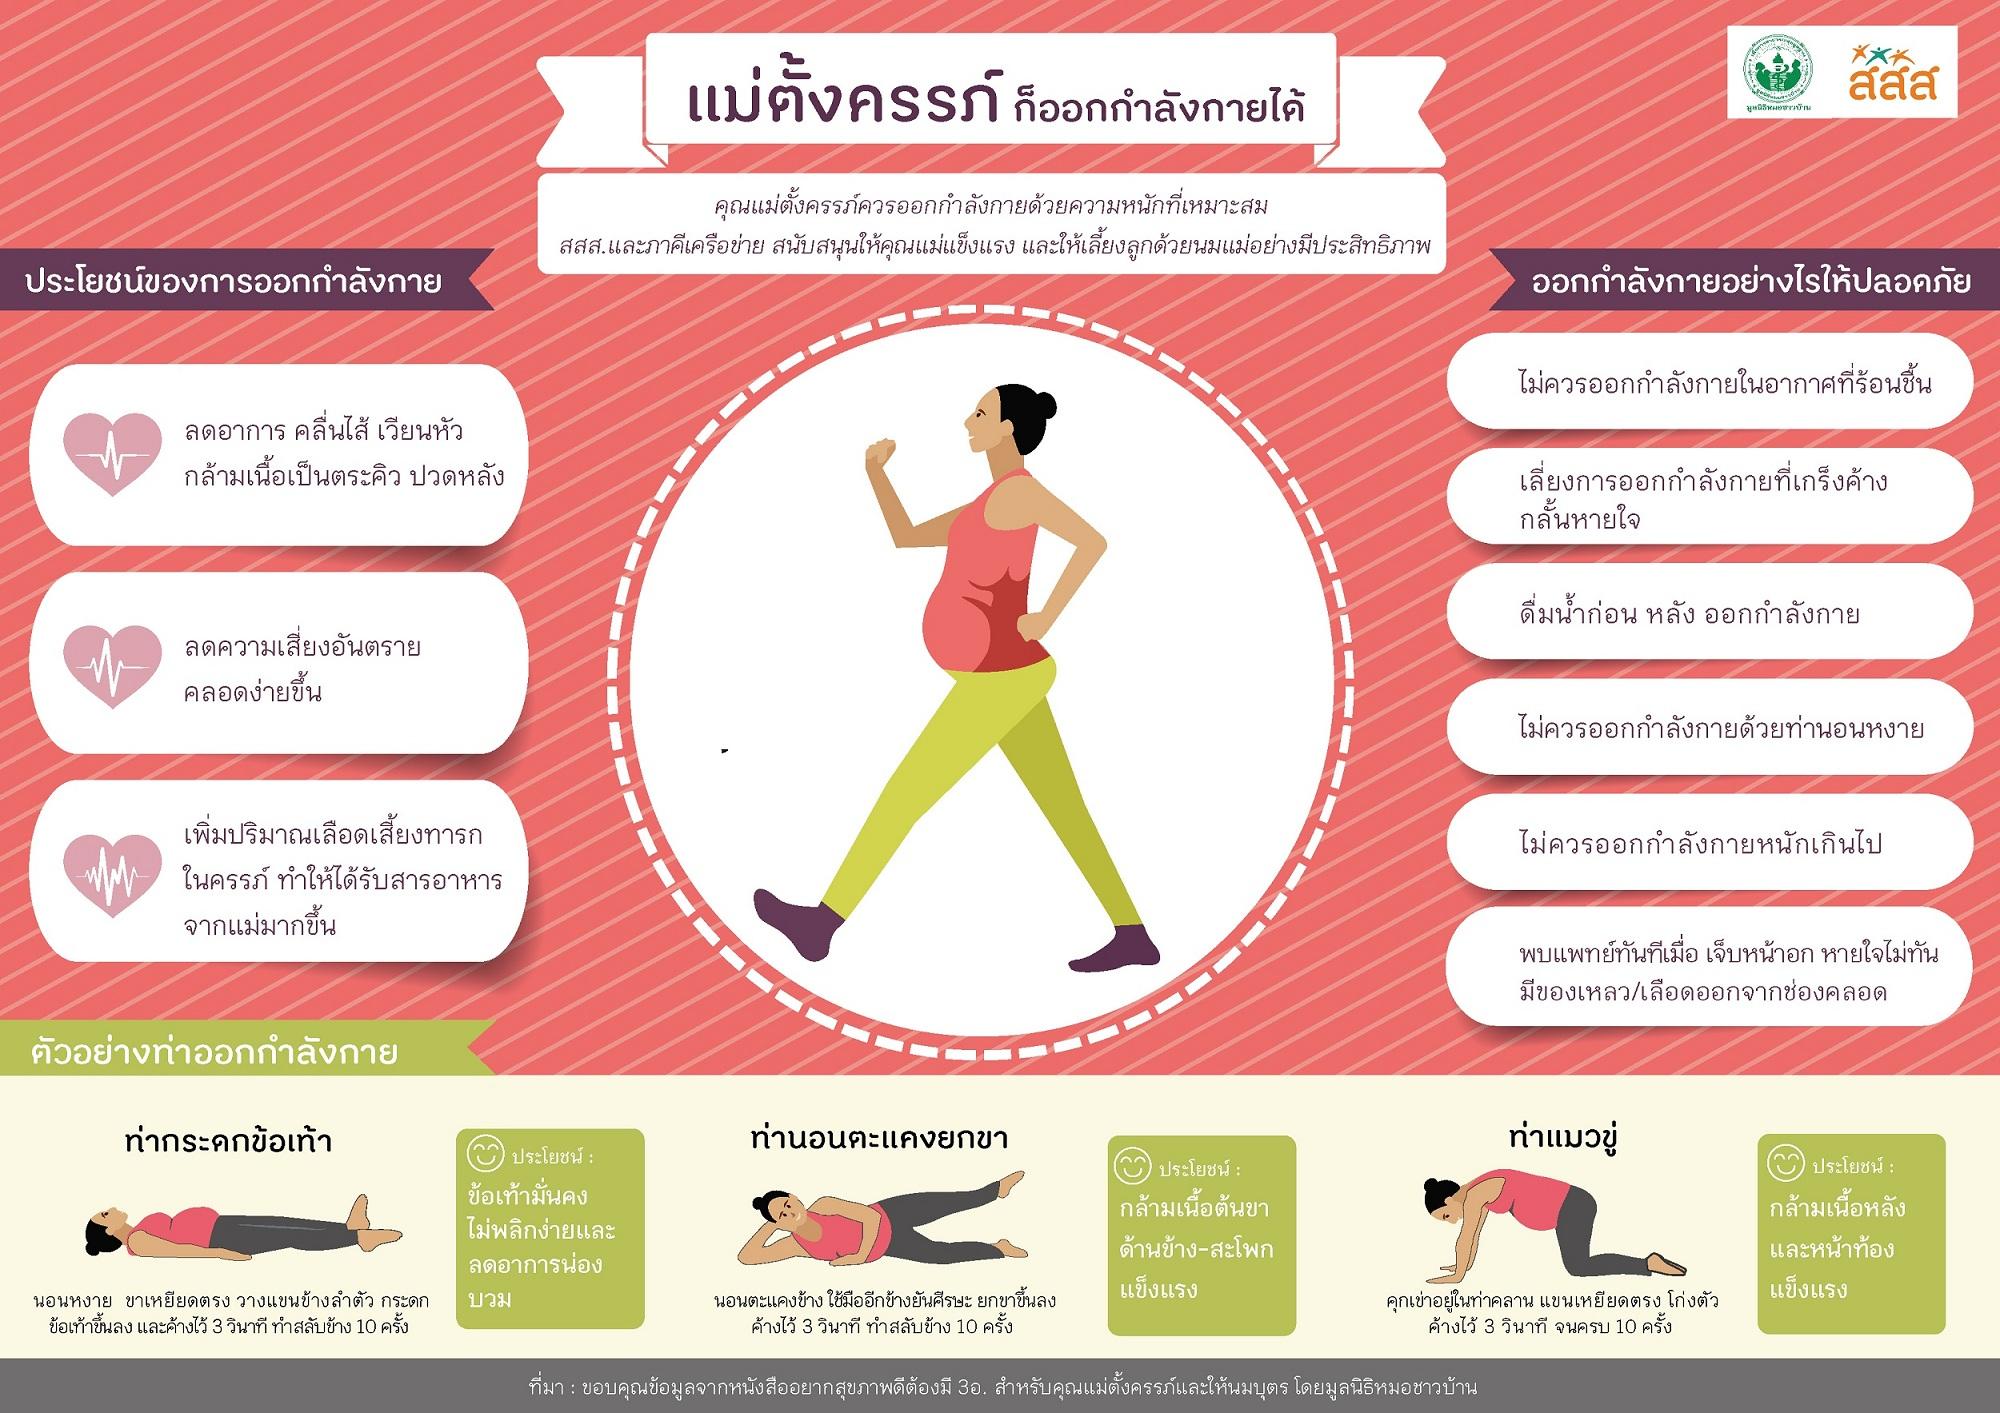 แม่ตั้งครรภ์ก็ออกกำลังกายได้ thaihealth